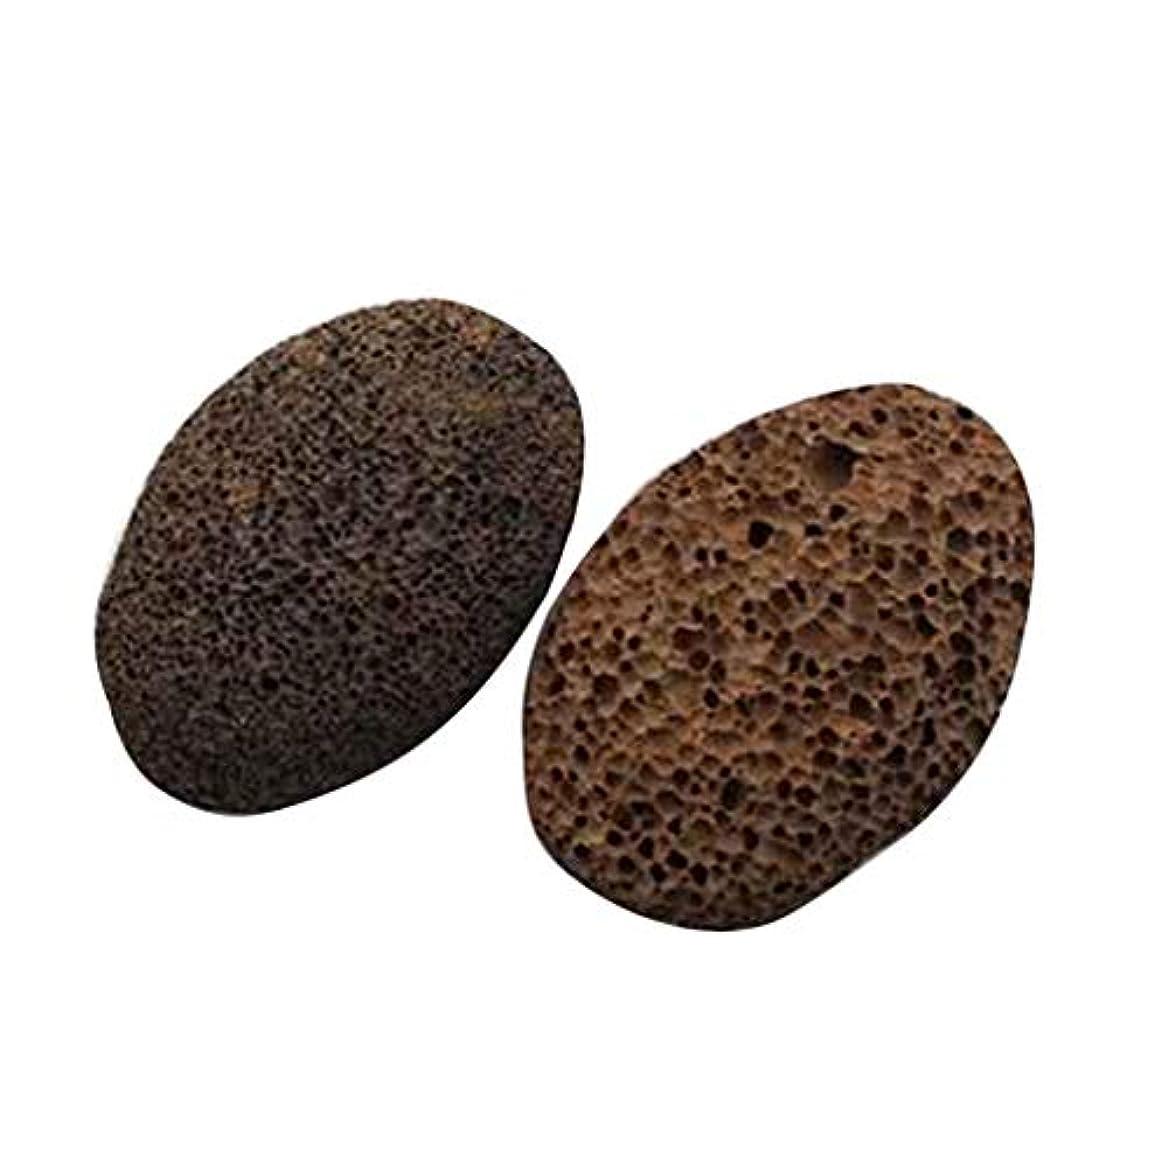 似ている契約する旧正月Nerhaily 死んだ皮軽石を取り除き 足石を挽いて 自然の火山石を剥がします 足マッサージ石 ワイプ足石 2個セット